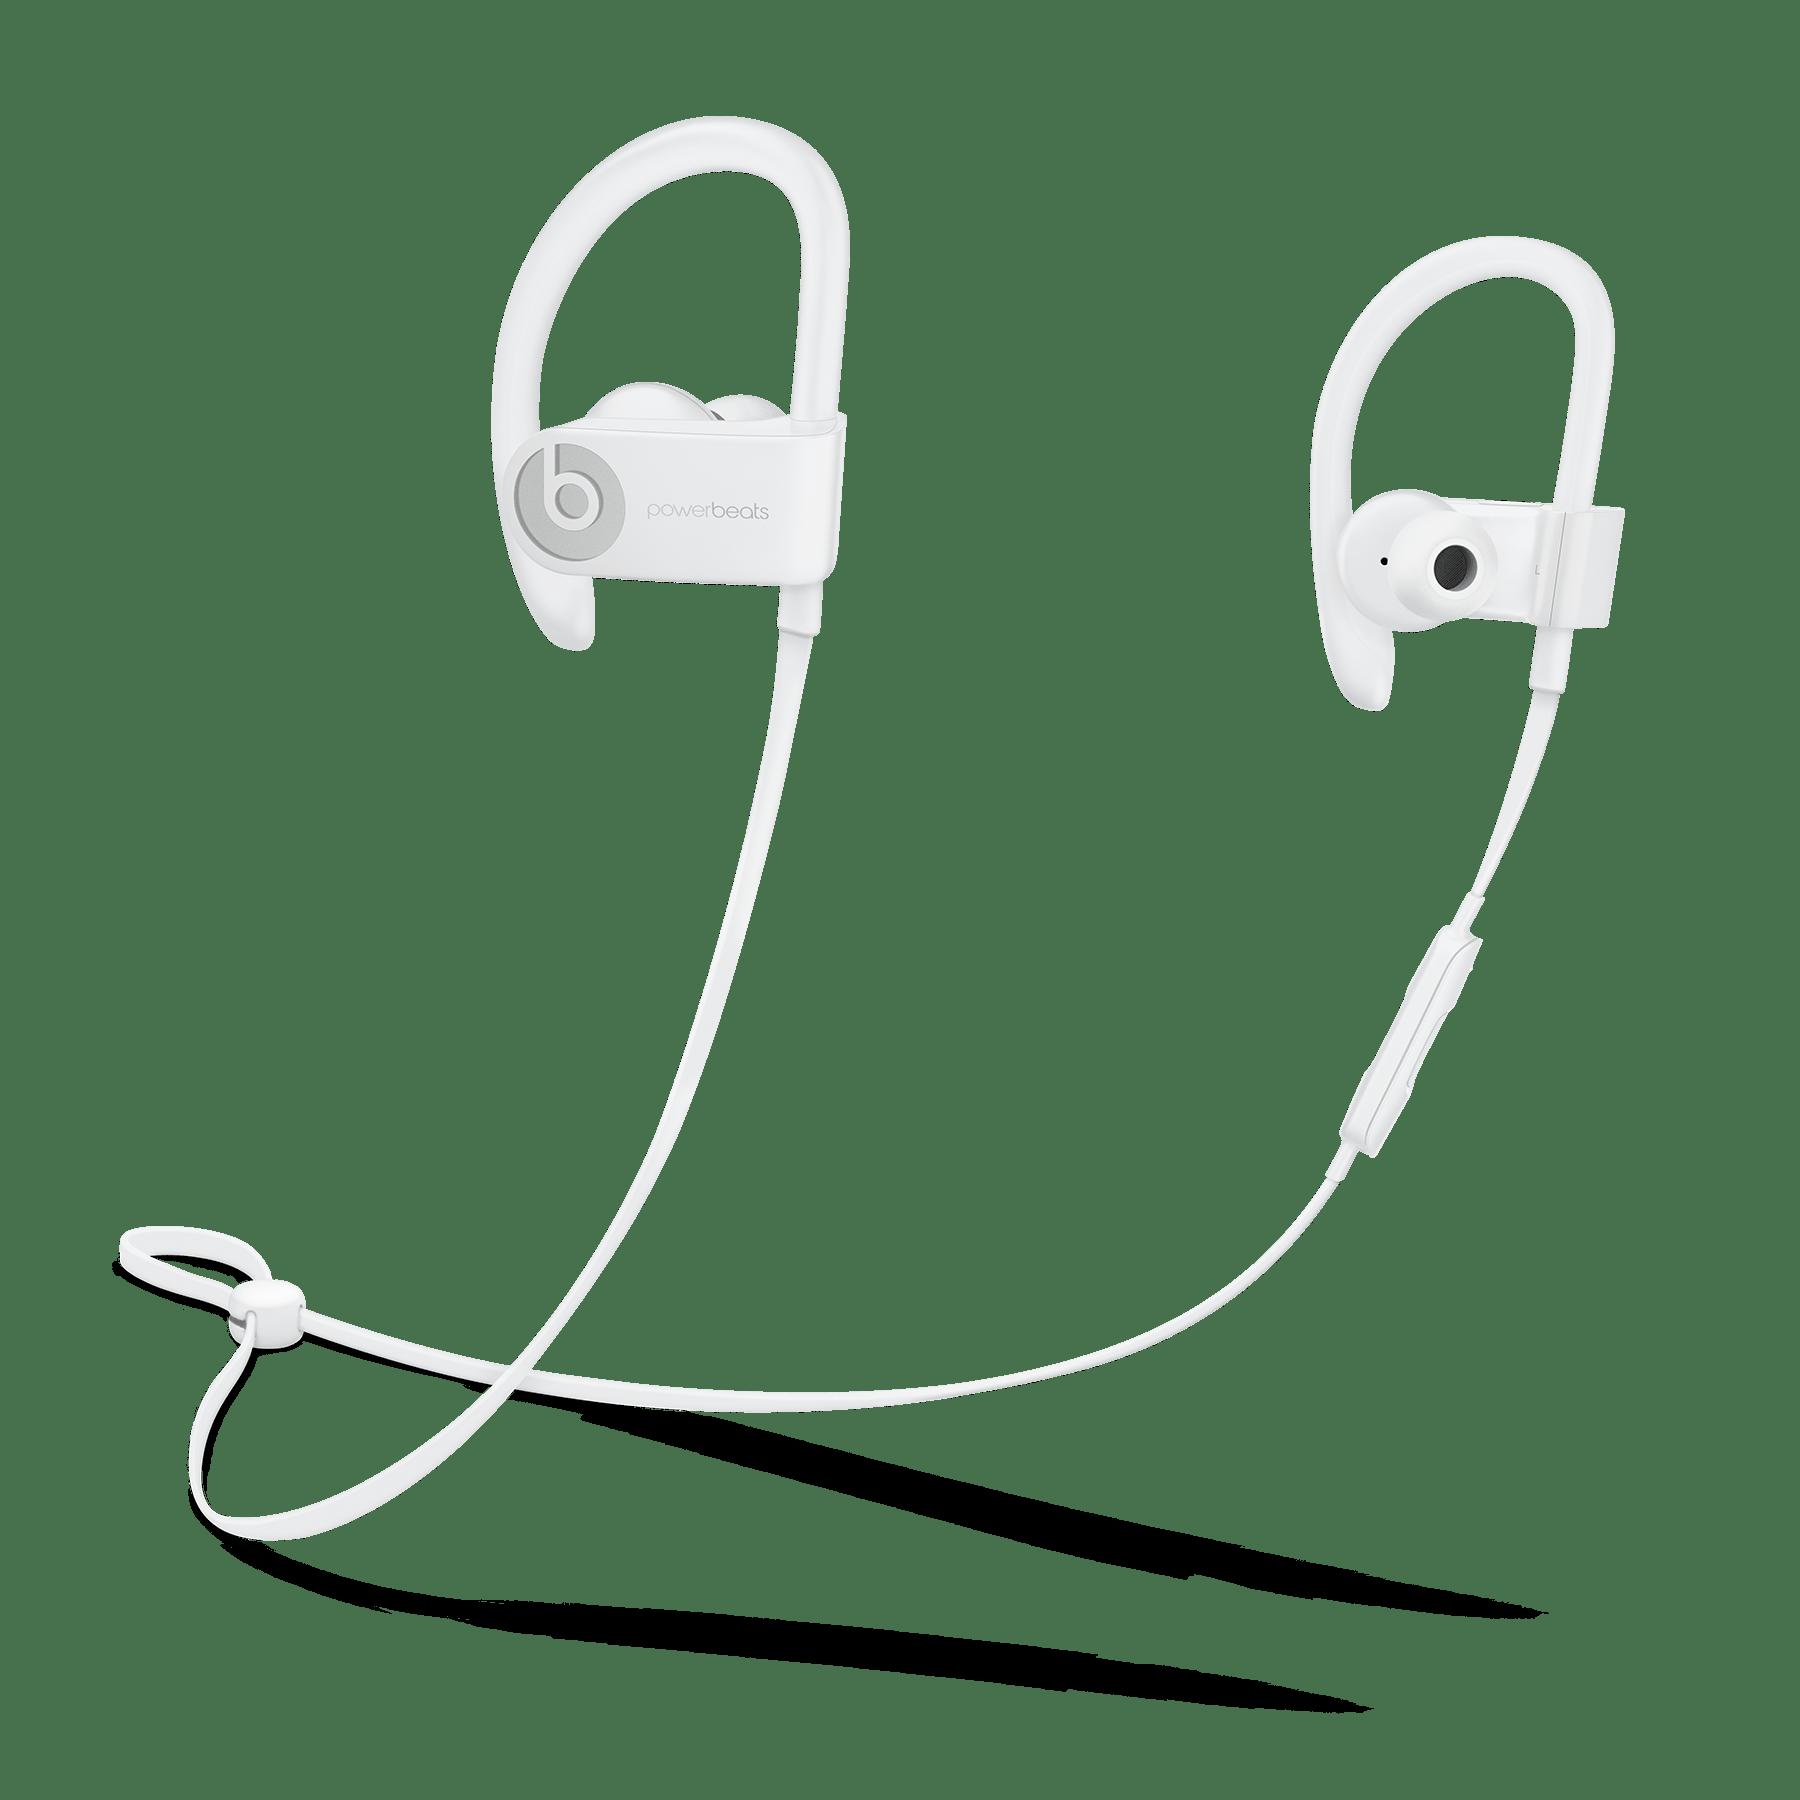 7f24d389687 Powerbeats3 Wireless - Beats by Dre